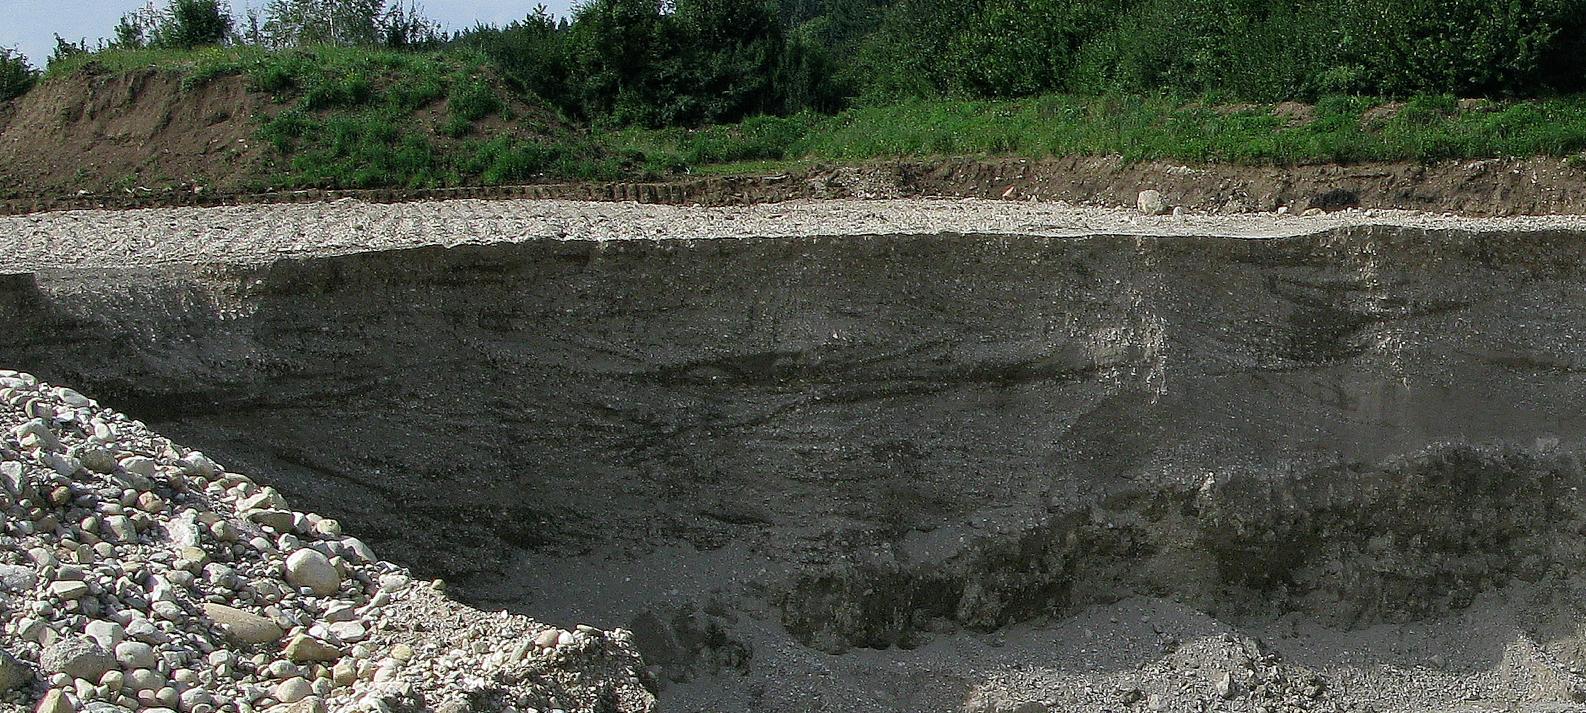 Kiesgrube Egerer Tsunami-Kreuzschichtung